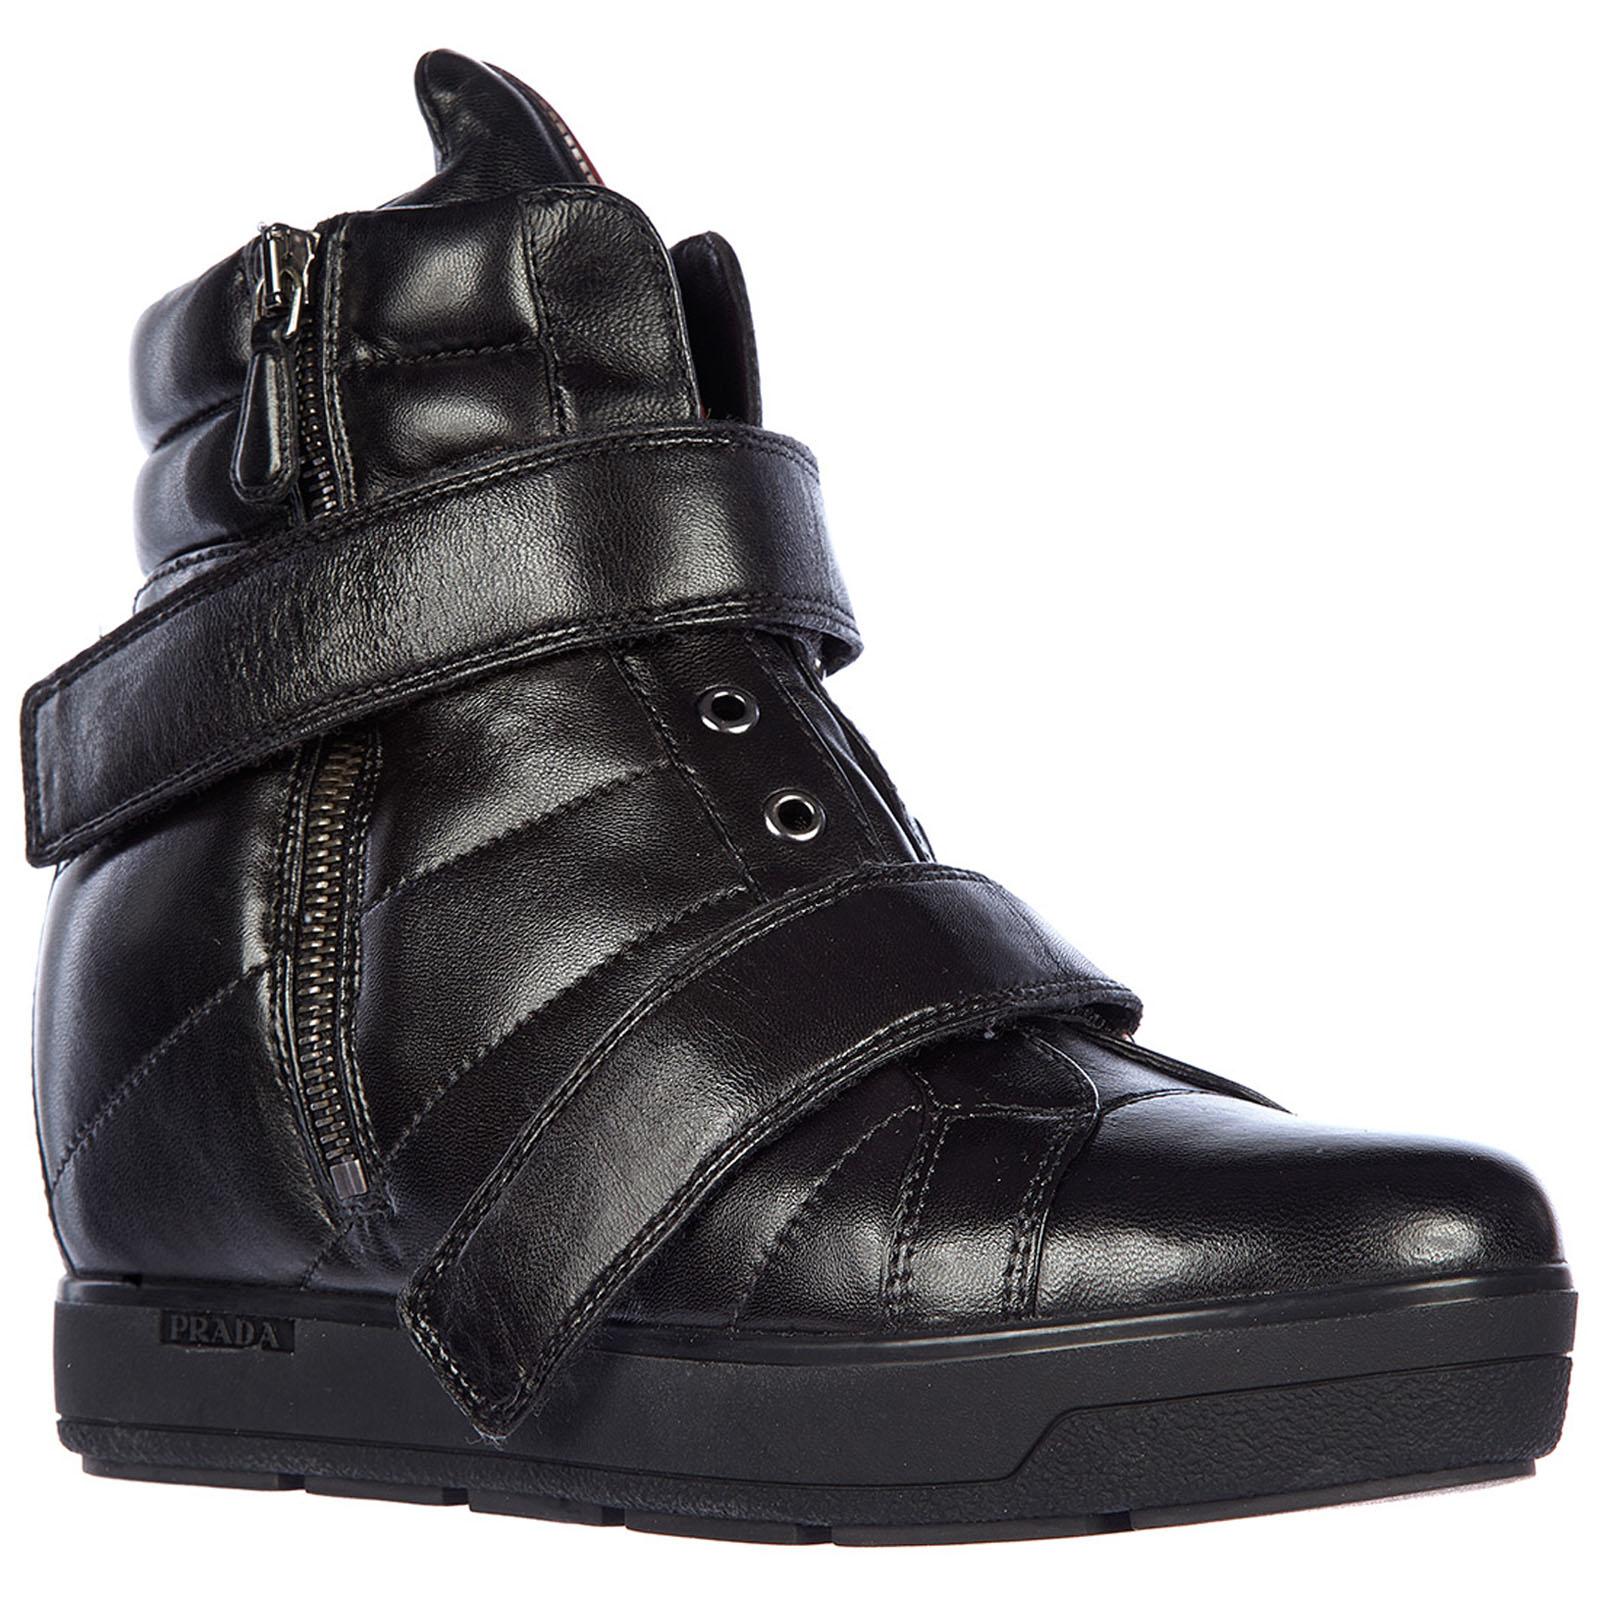 Zapatos zapatillas de deporte largas mujer en piel nappa sport